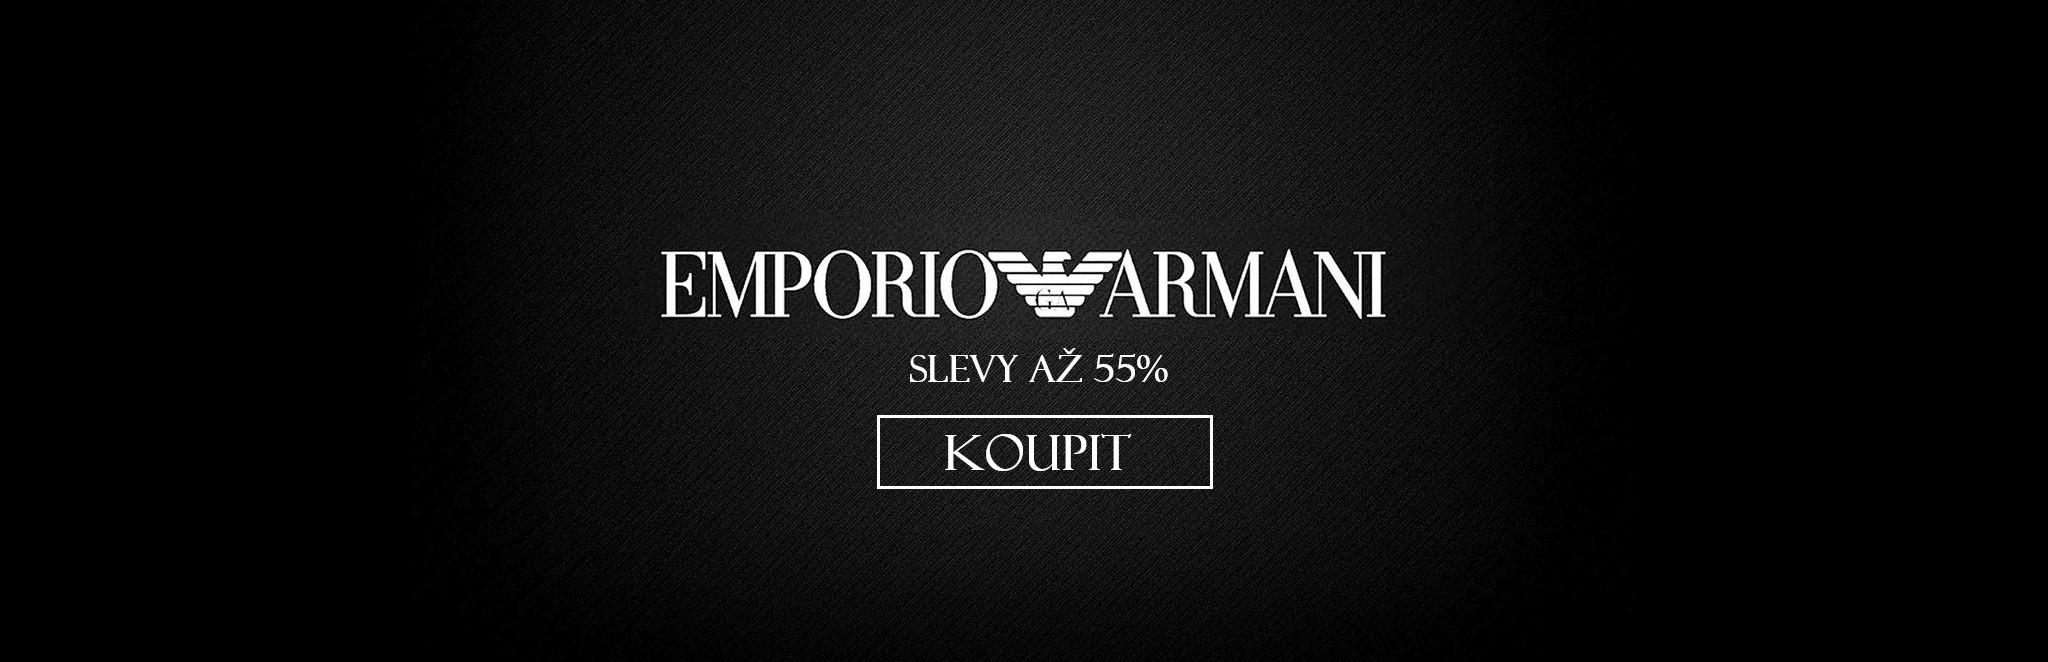 Hodinky Emporio Armani se slevou až 55%